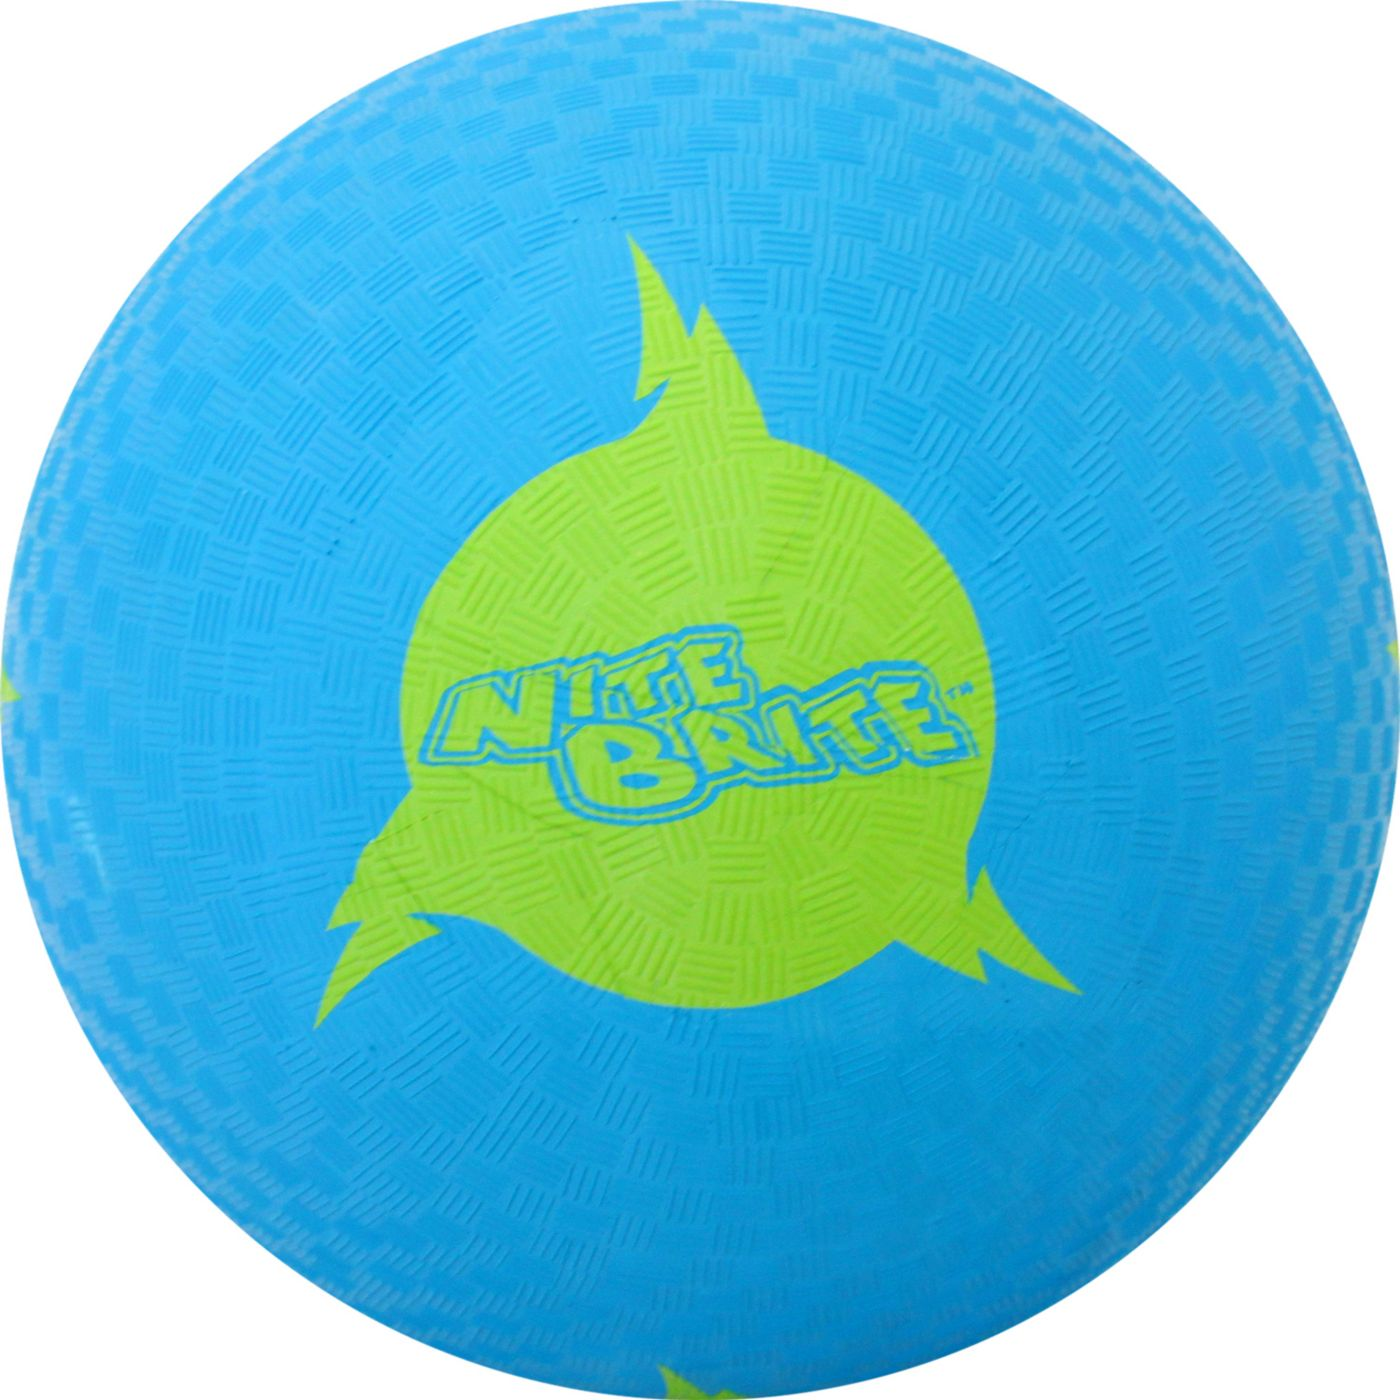 Baden Nite Brite Rubber Playground Ball